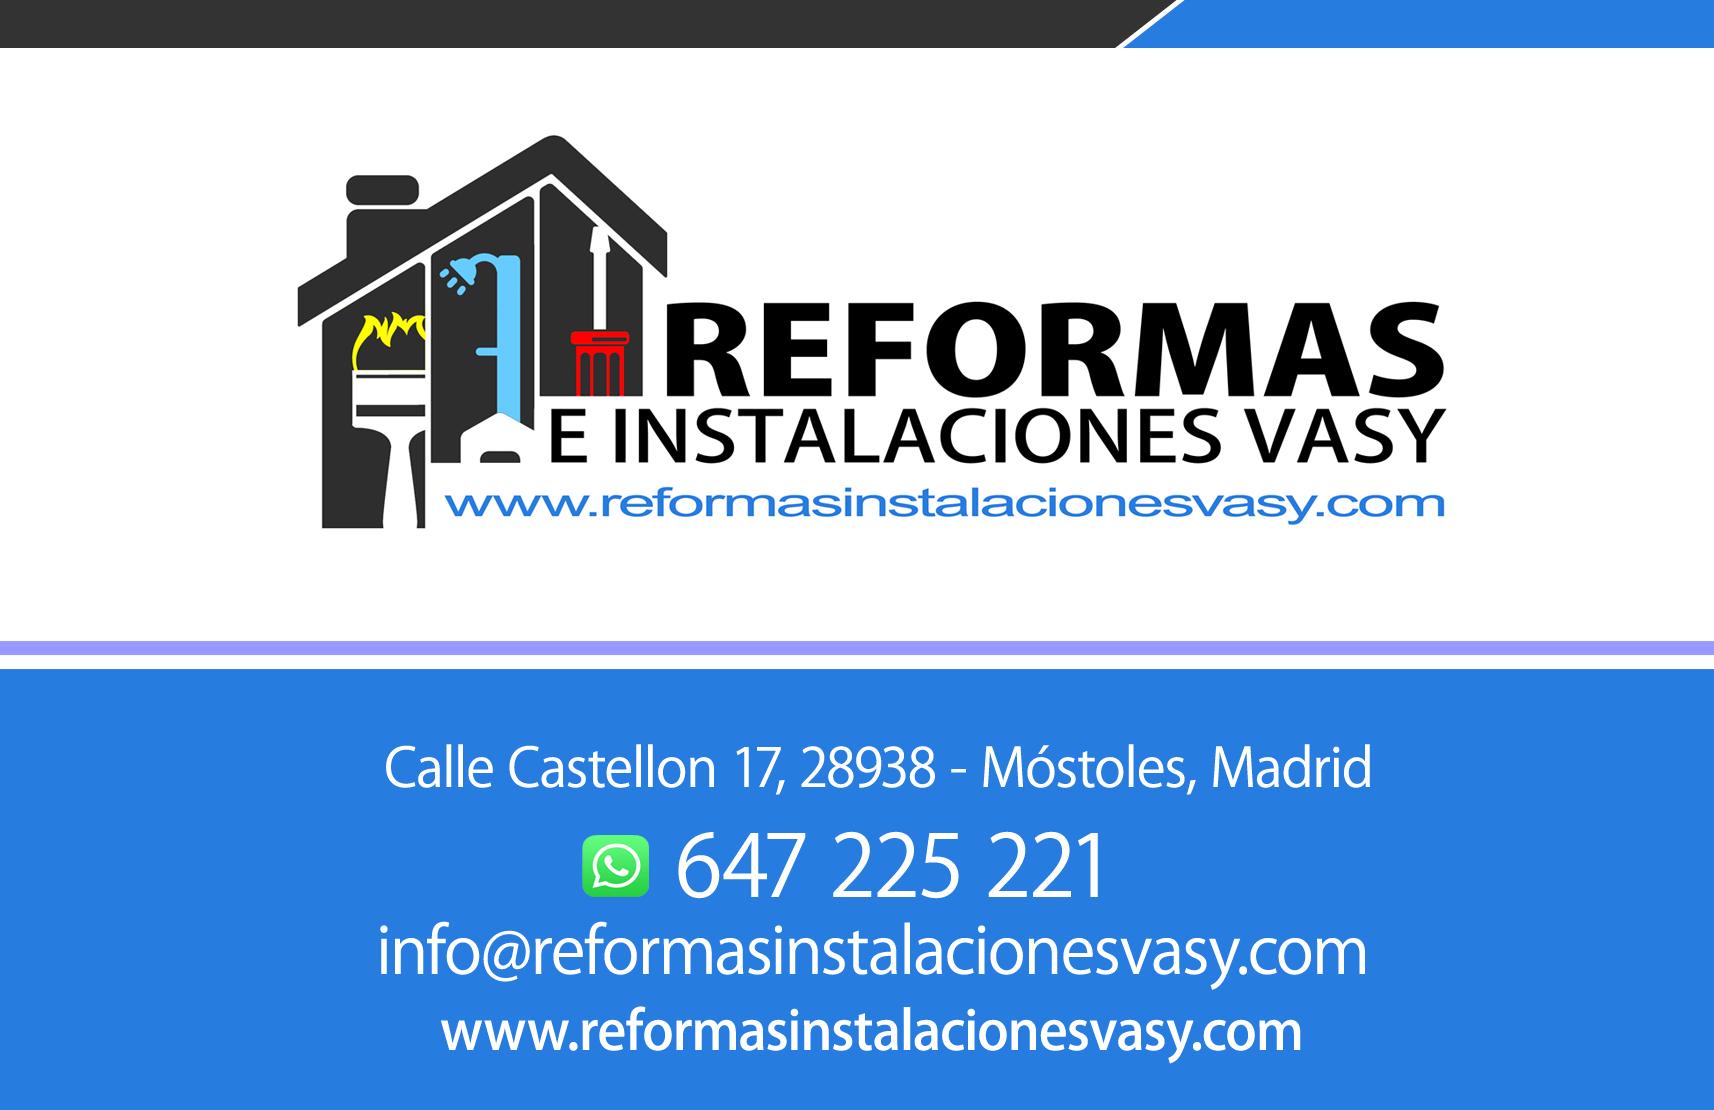 reformas instalaciones vasy